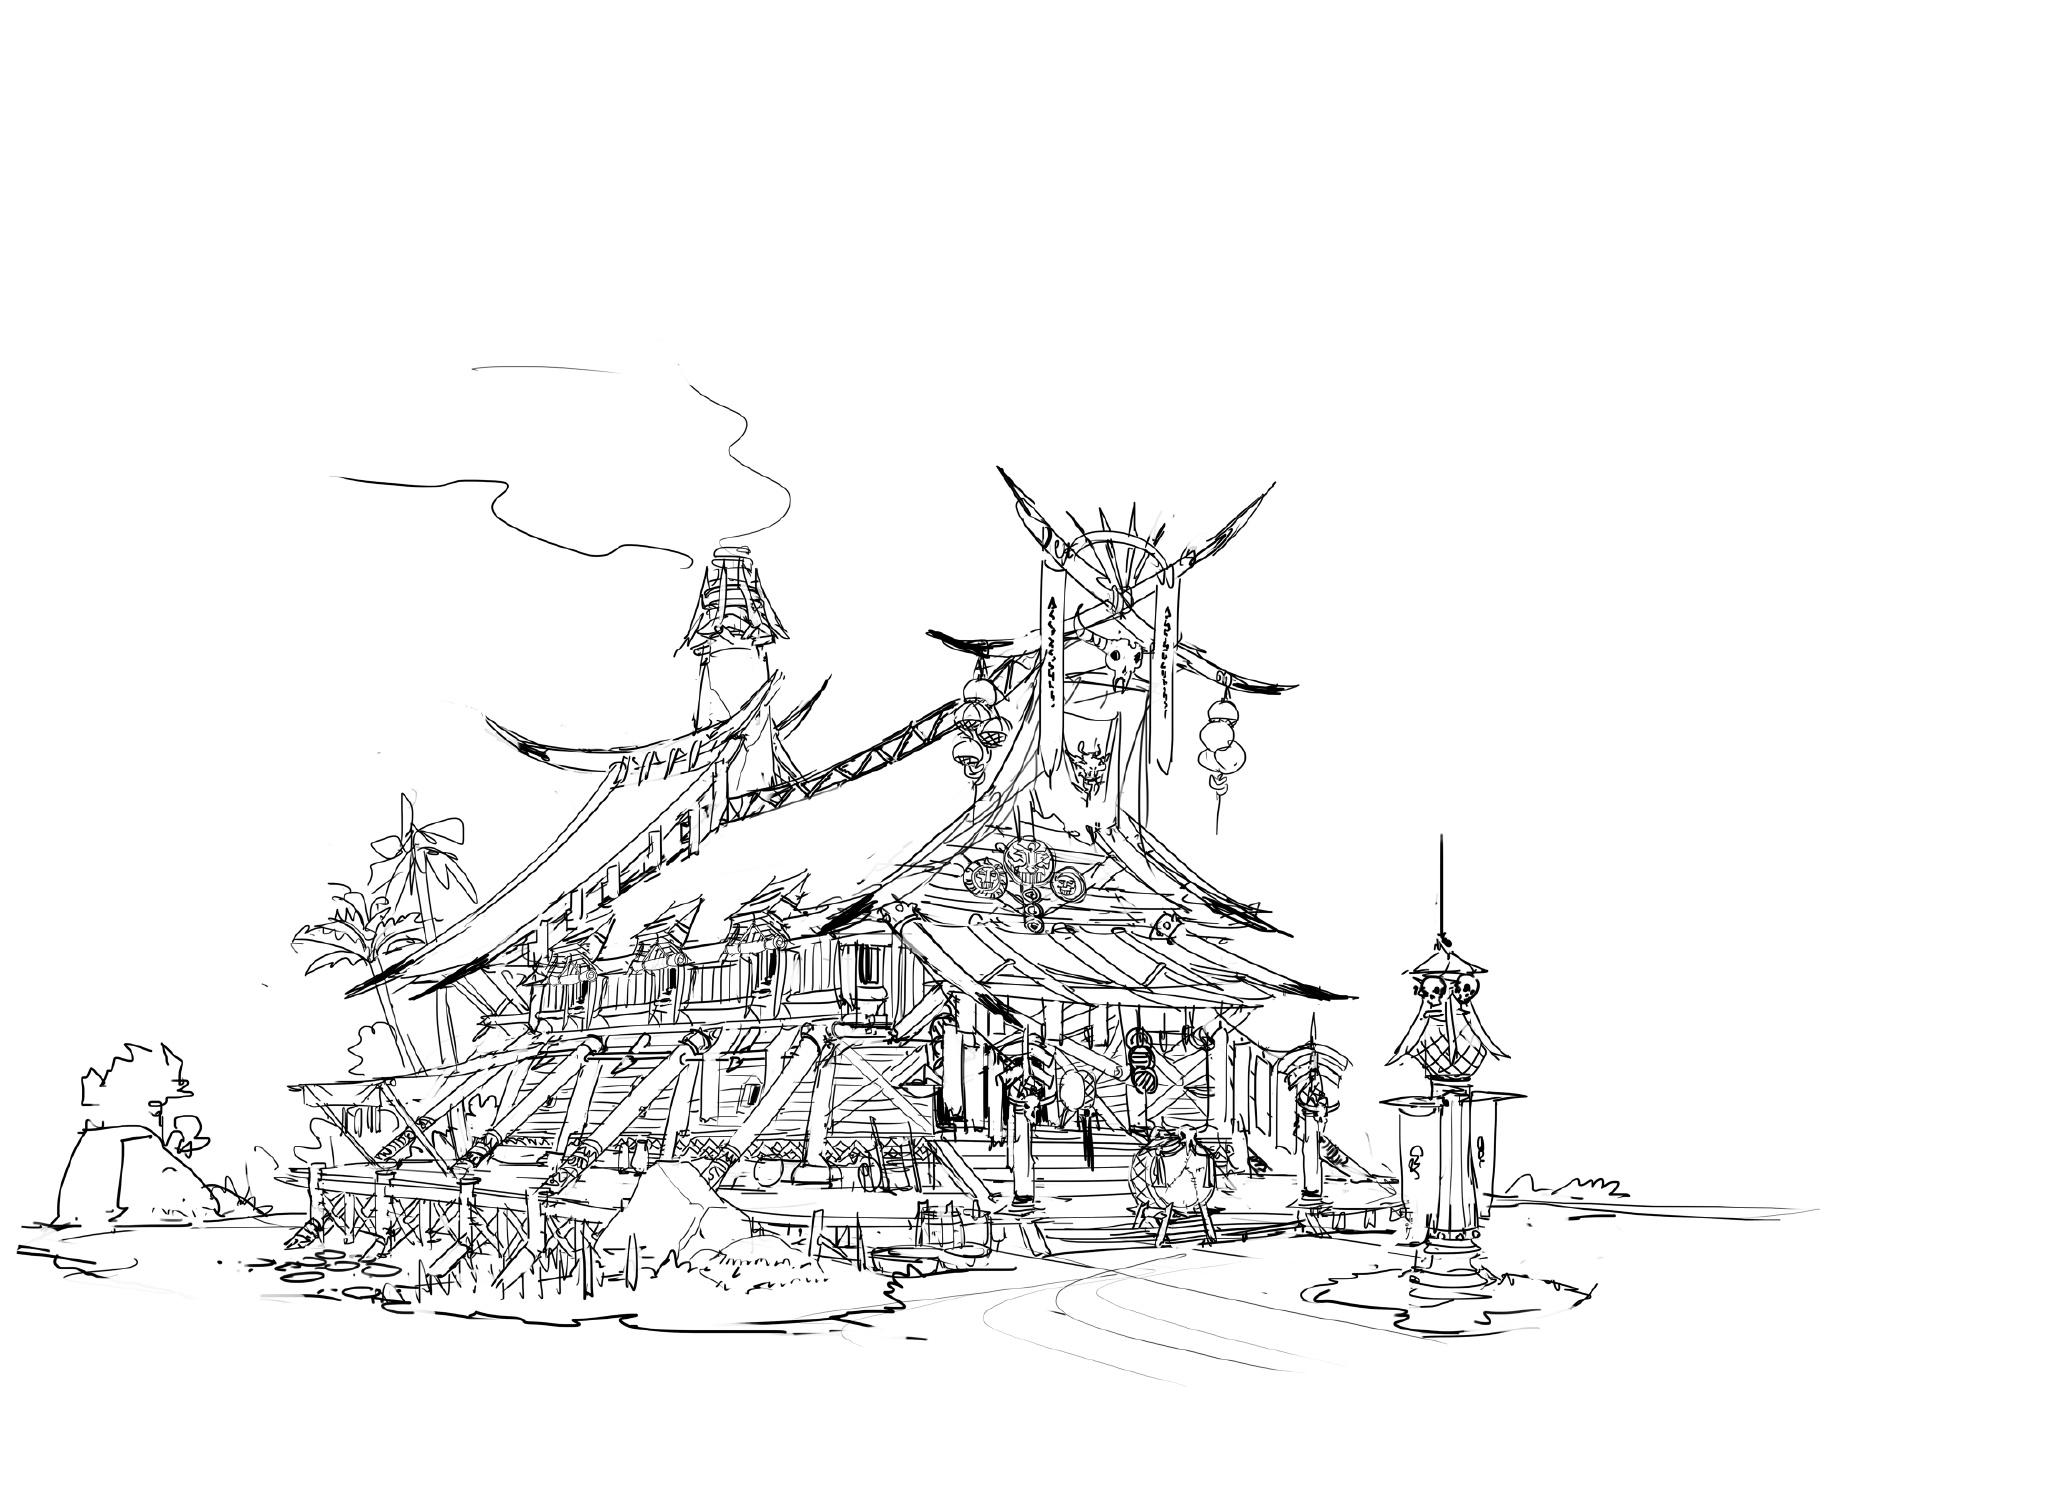 游戏原画场景设计 部落建筑详细过程图